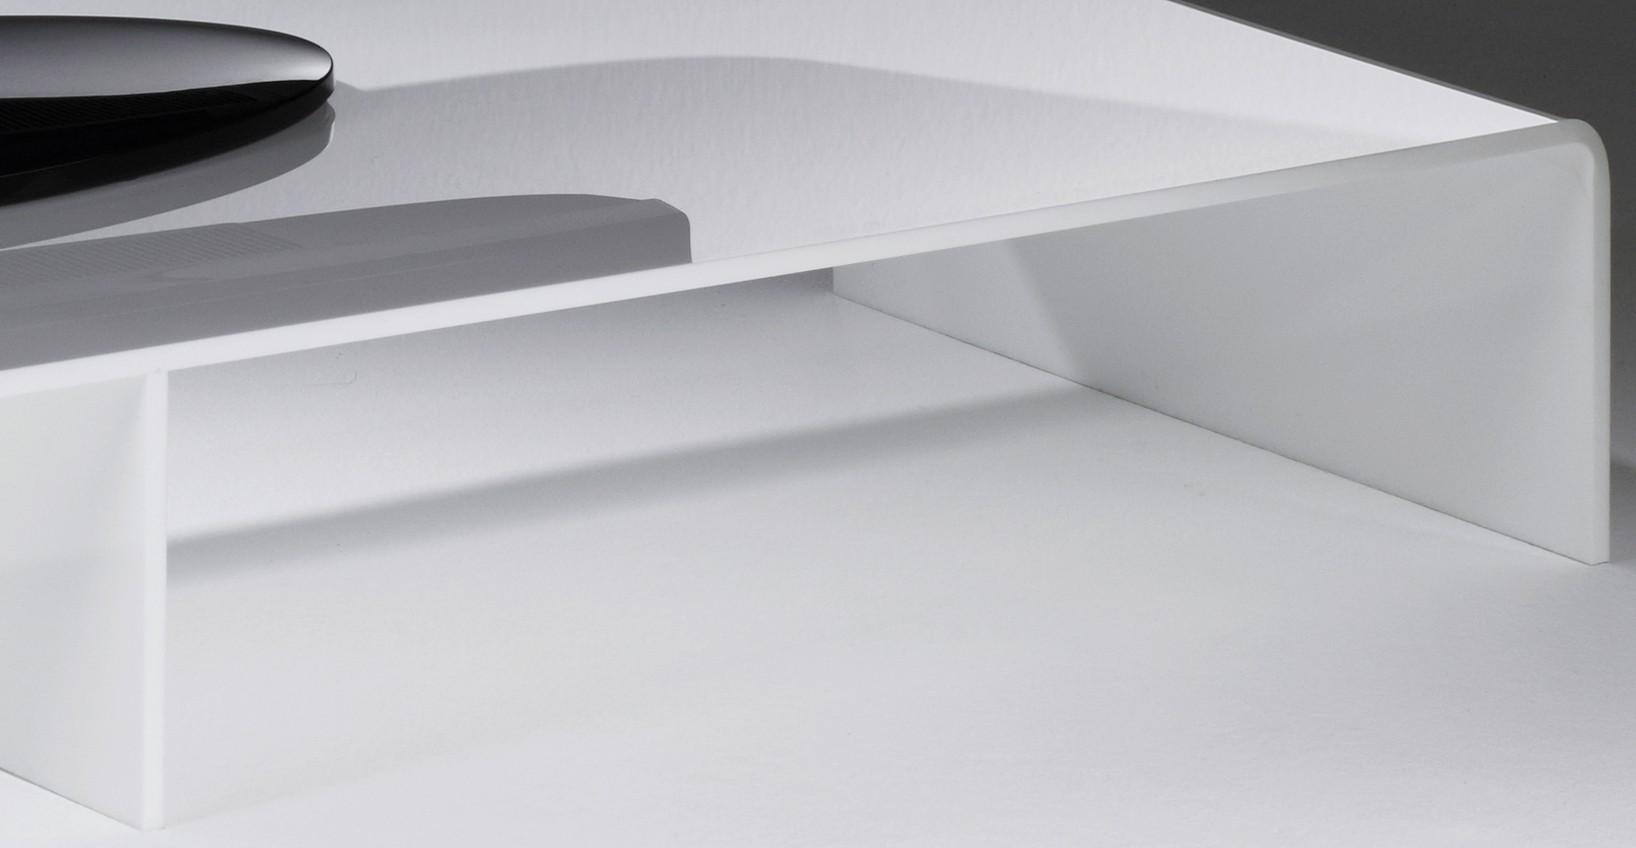 tv konsole new york breite 80 cm acrylglas wei wohnen. Black Bedroom Furniture Sets. Home Design Ideas